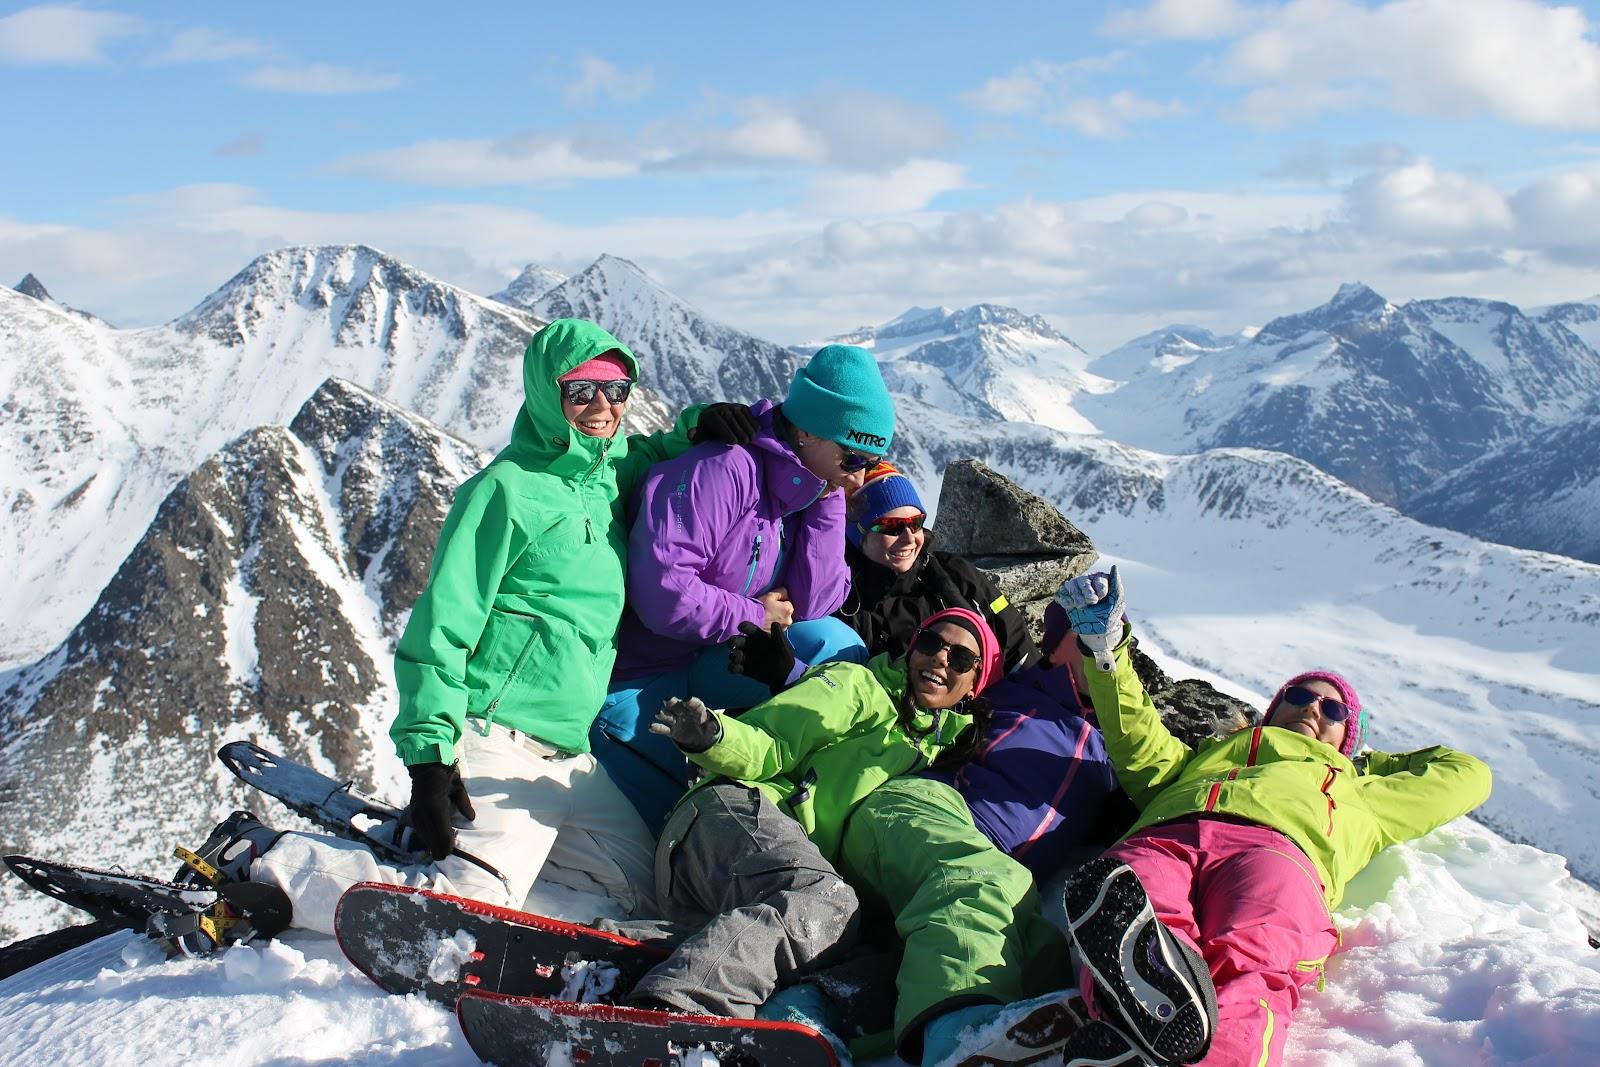 Top tur, Romsdal, Norway